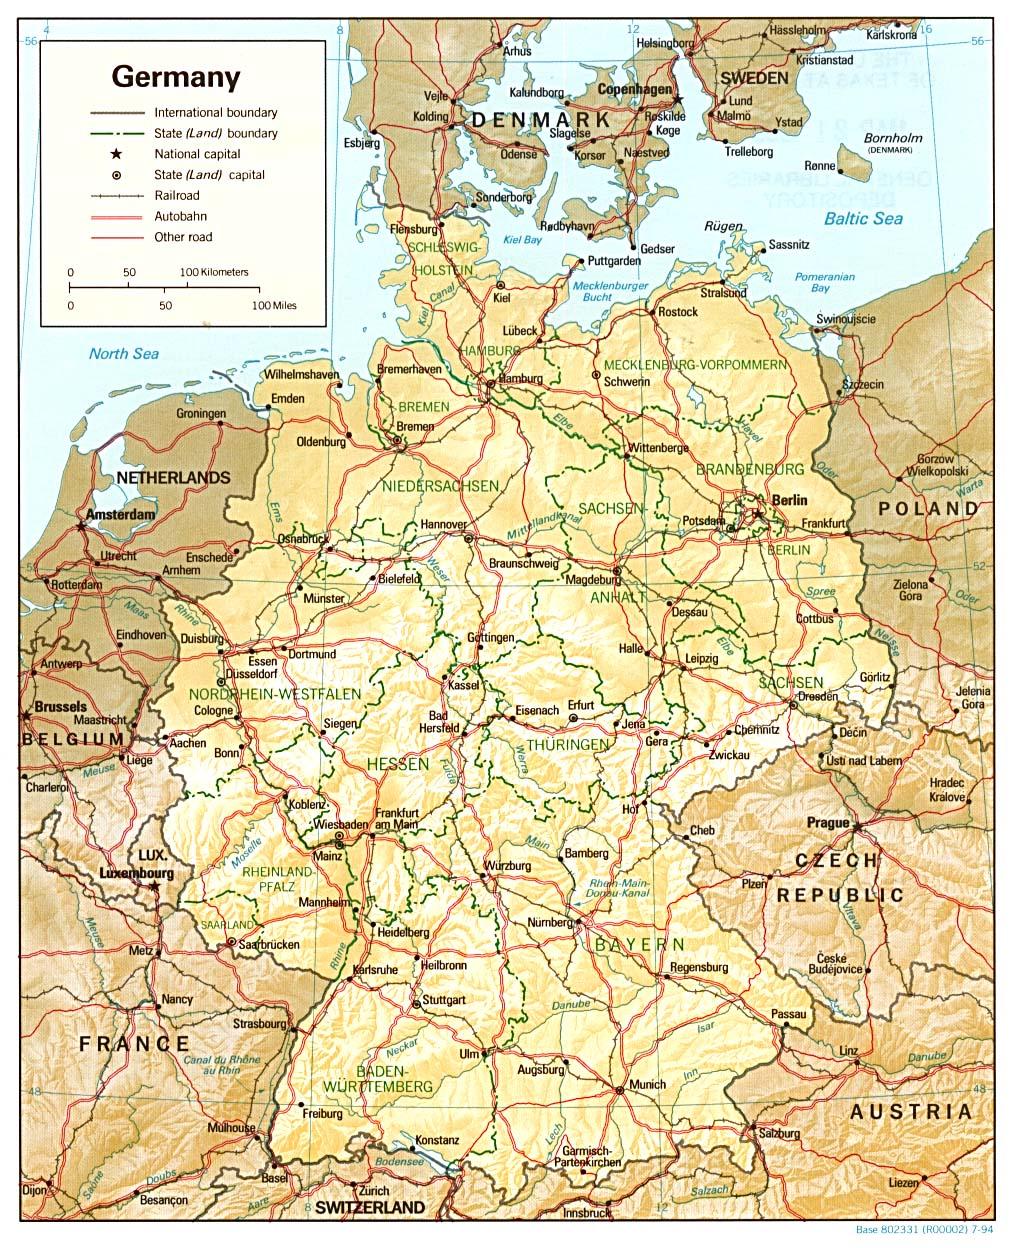 Landkarte Deutschland (Reliefkarte) : Weltkarte.com - Karten und ... - Bonn Karte Deutschland